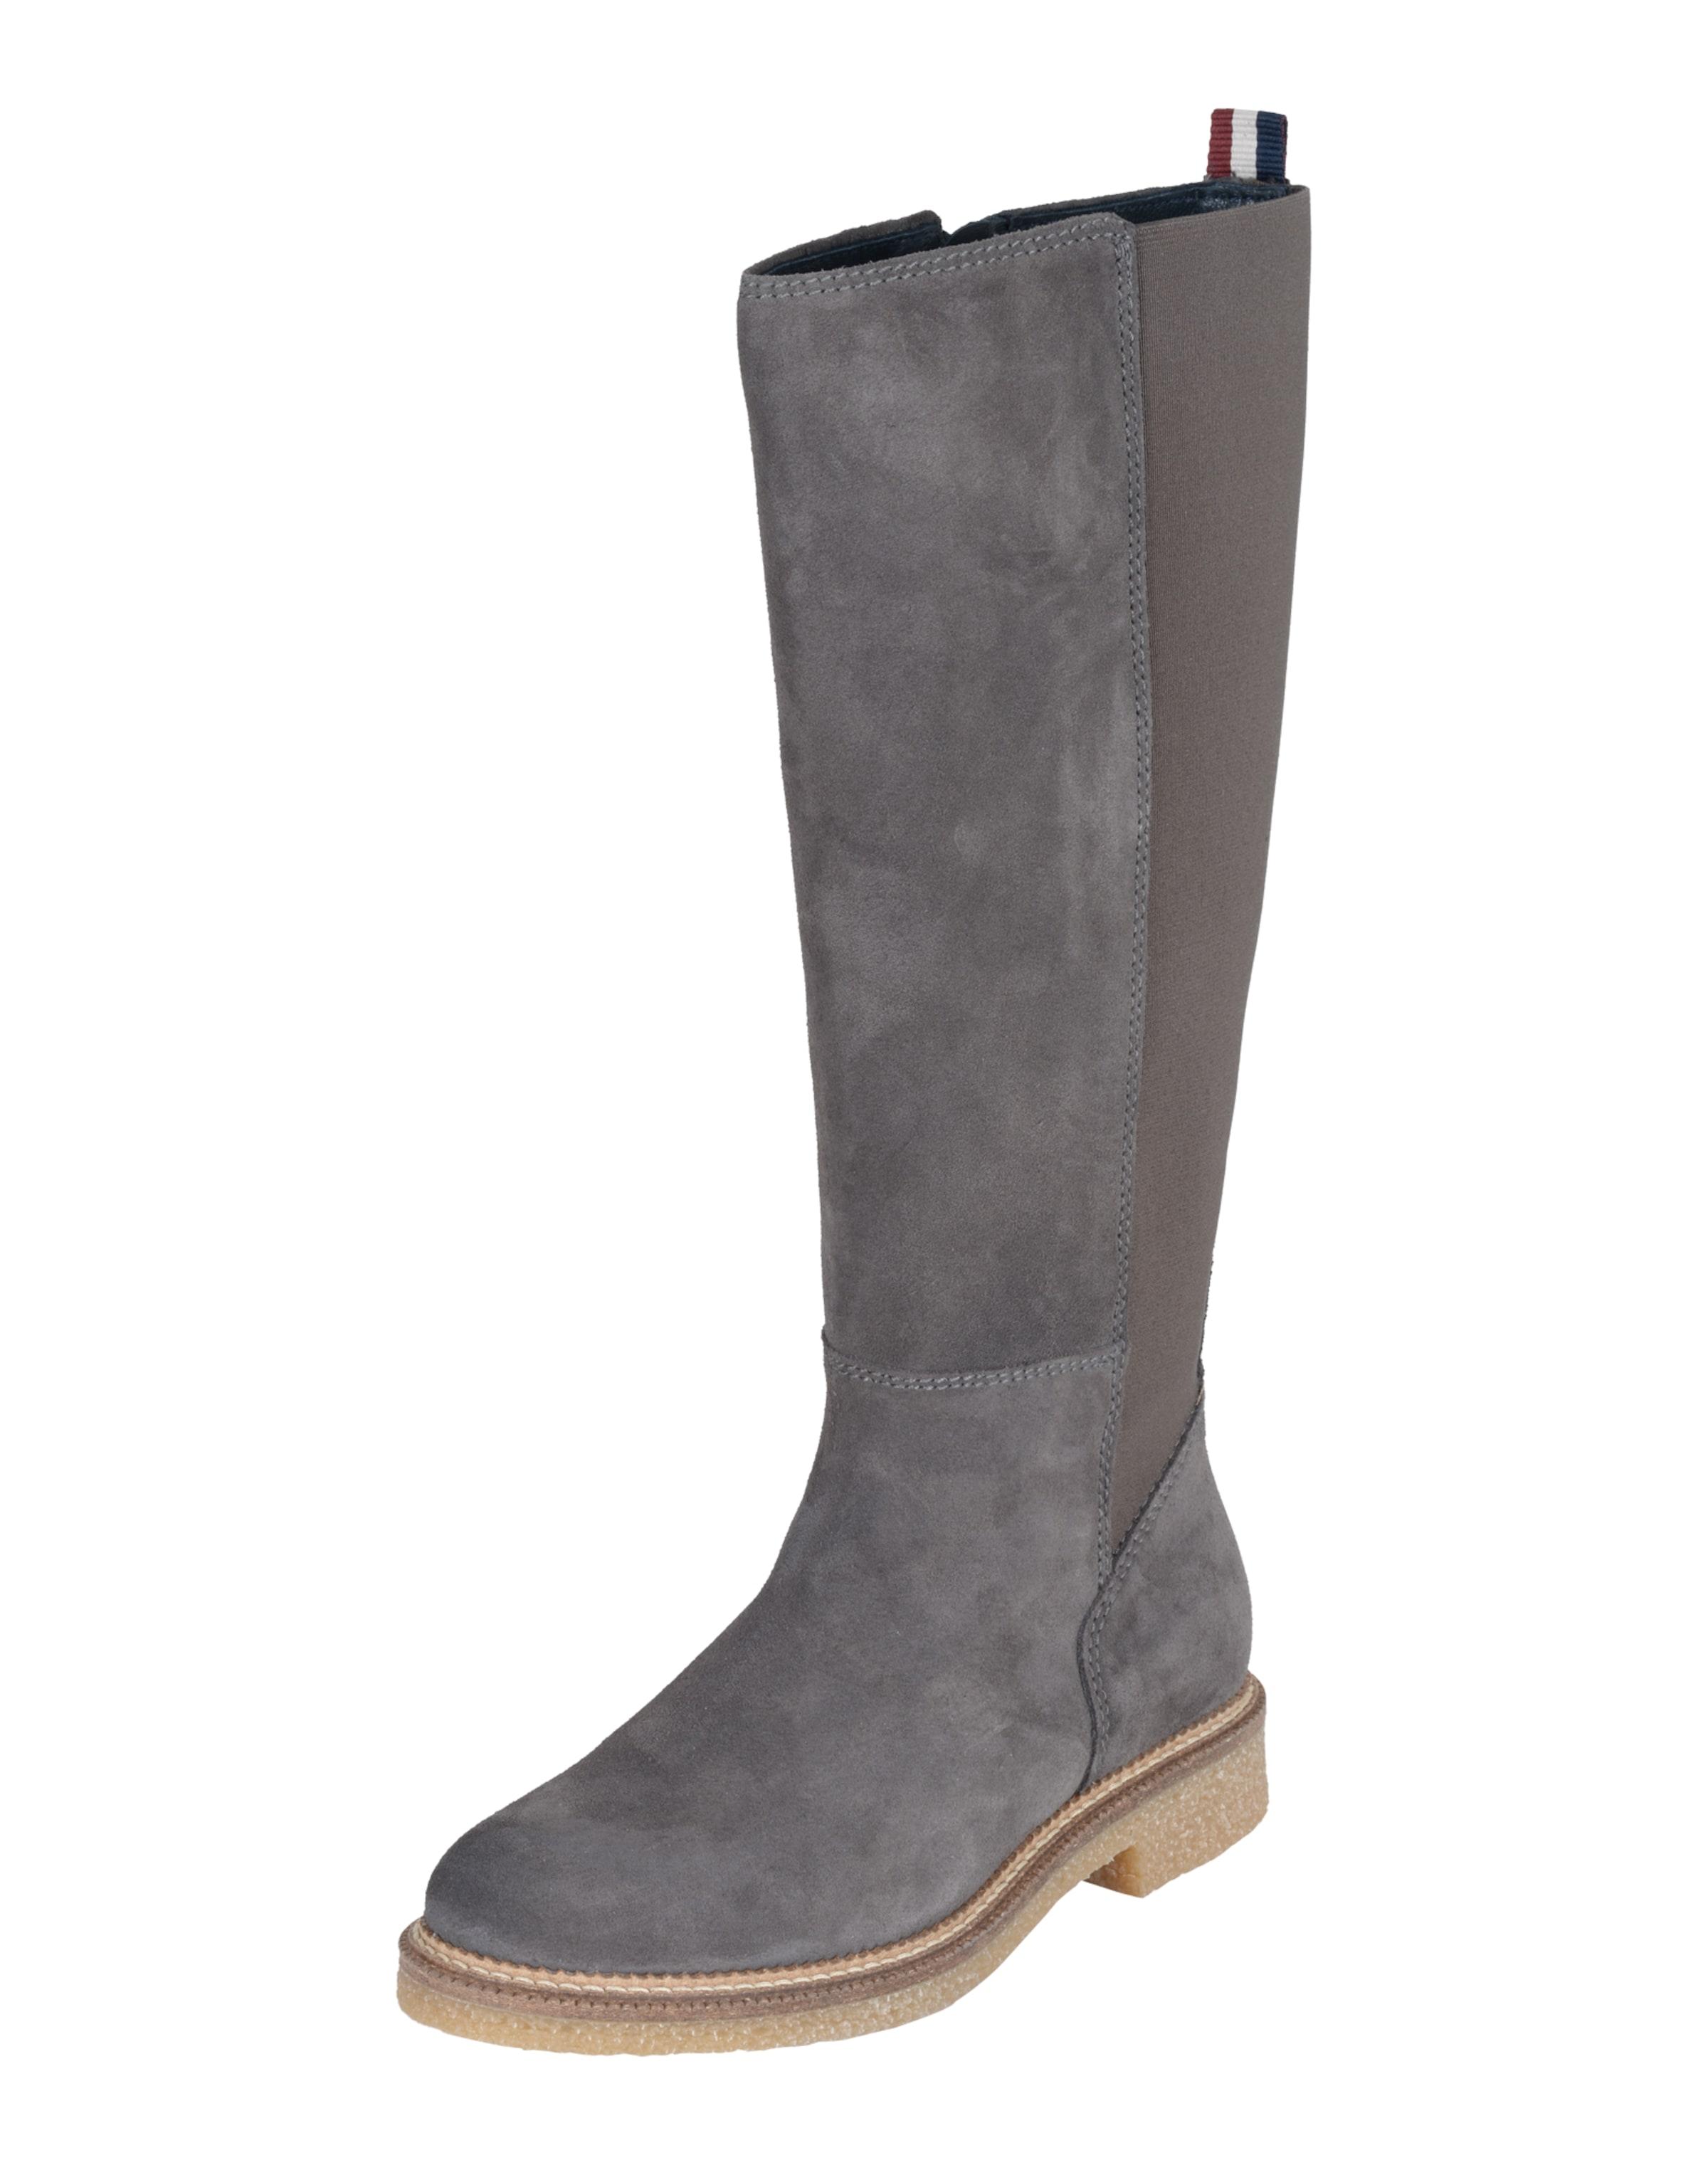 TOMMY HILFIGER Stiefel Hazel Verschleißfeste billige Schuhe